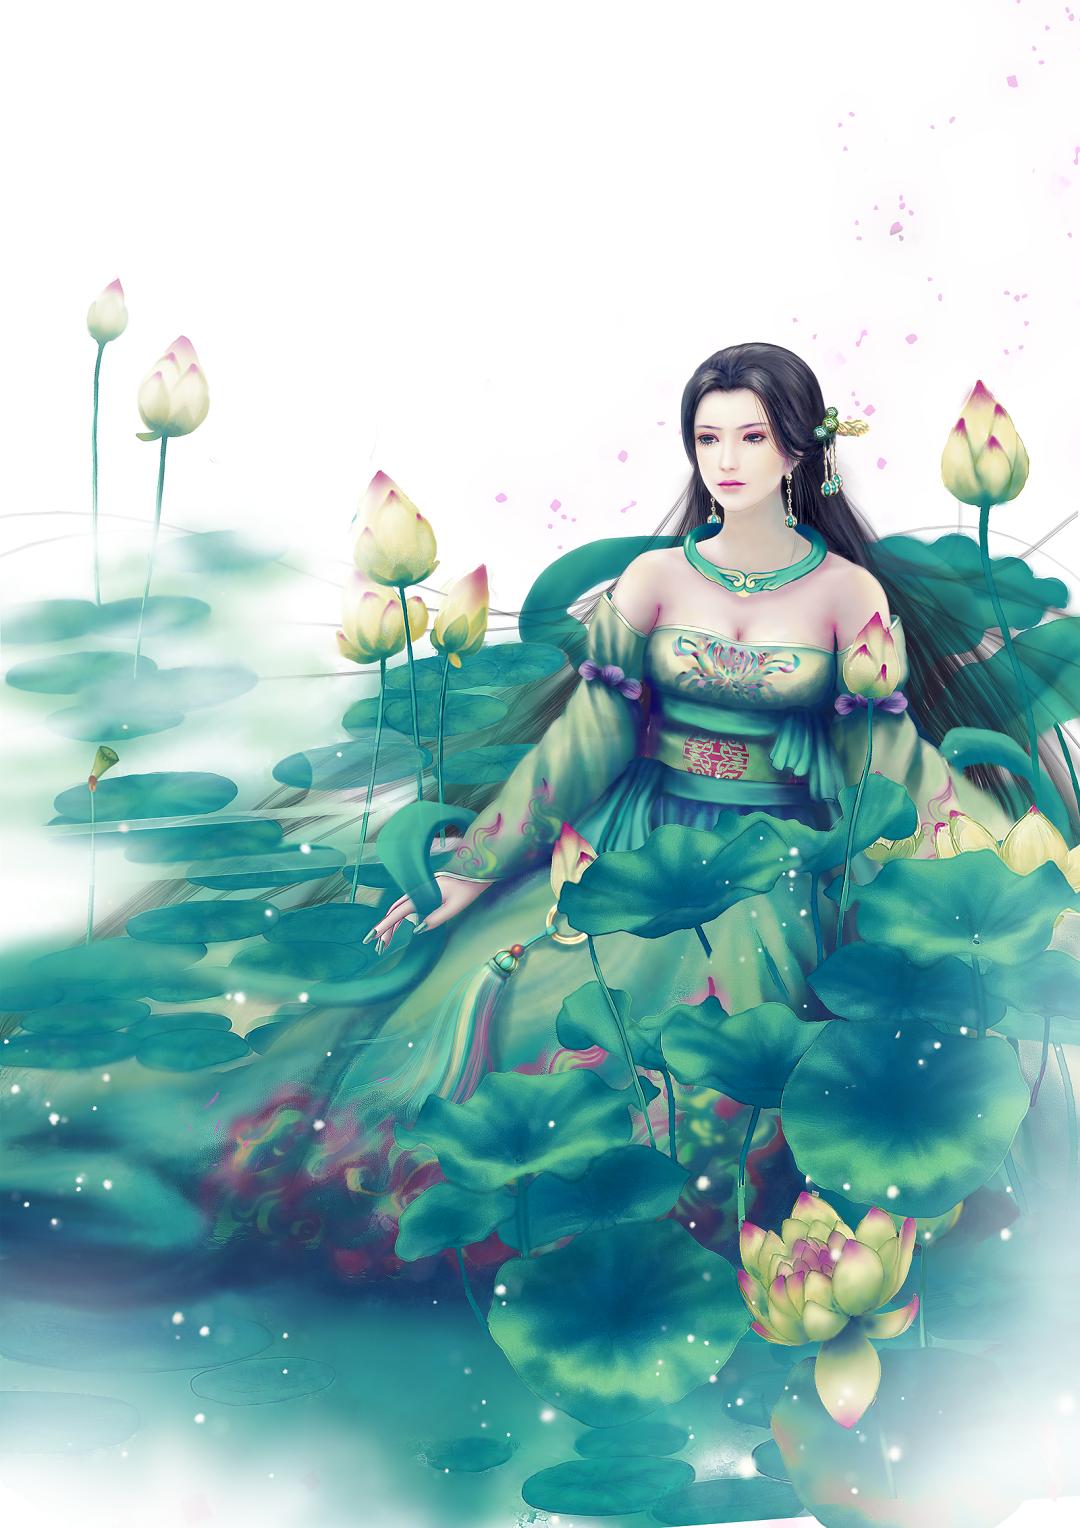 Ghim của Mèo Siêu Nhân trên fantasy Nàng tiên, Nghệ